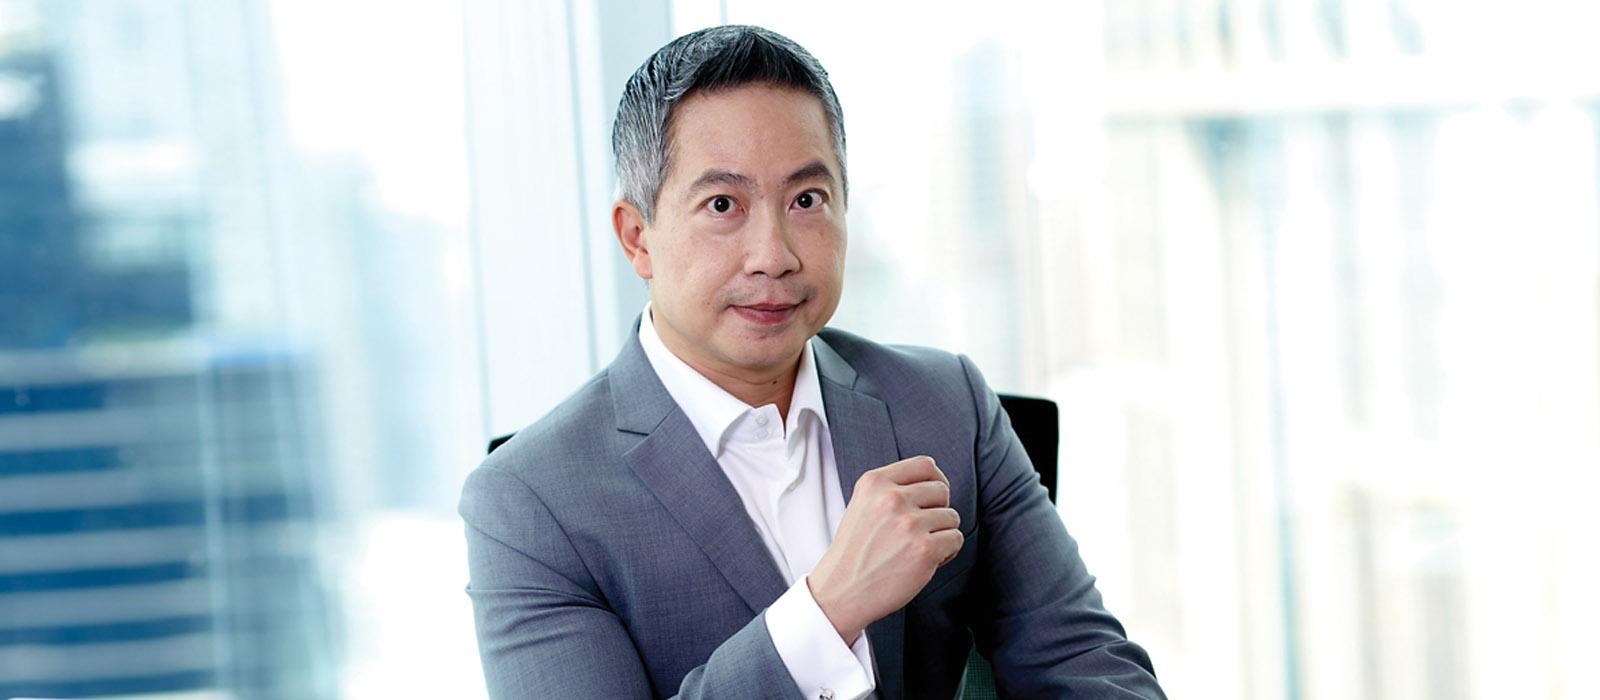 Tiến sĩ Chawapol Jariyawiroj, Giám đốc quốc gia, Amazon Web Services (AWS) Thái Lan 1